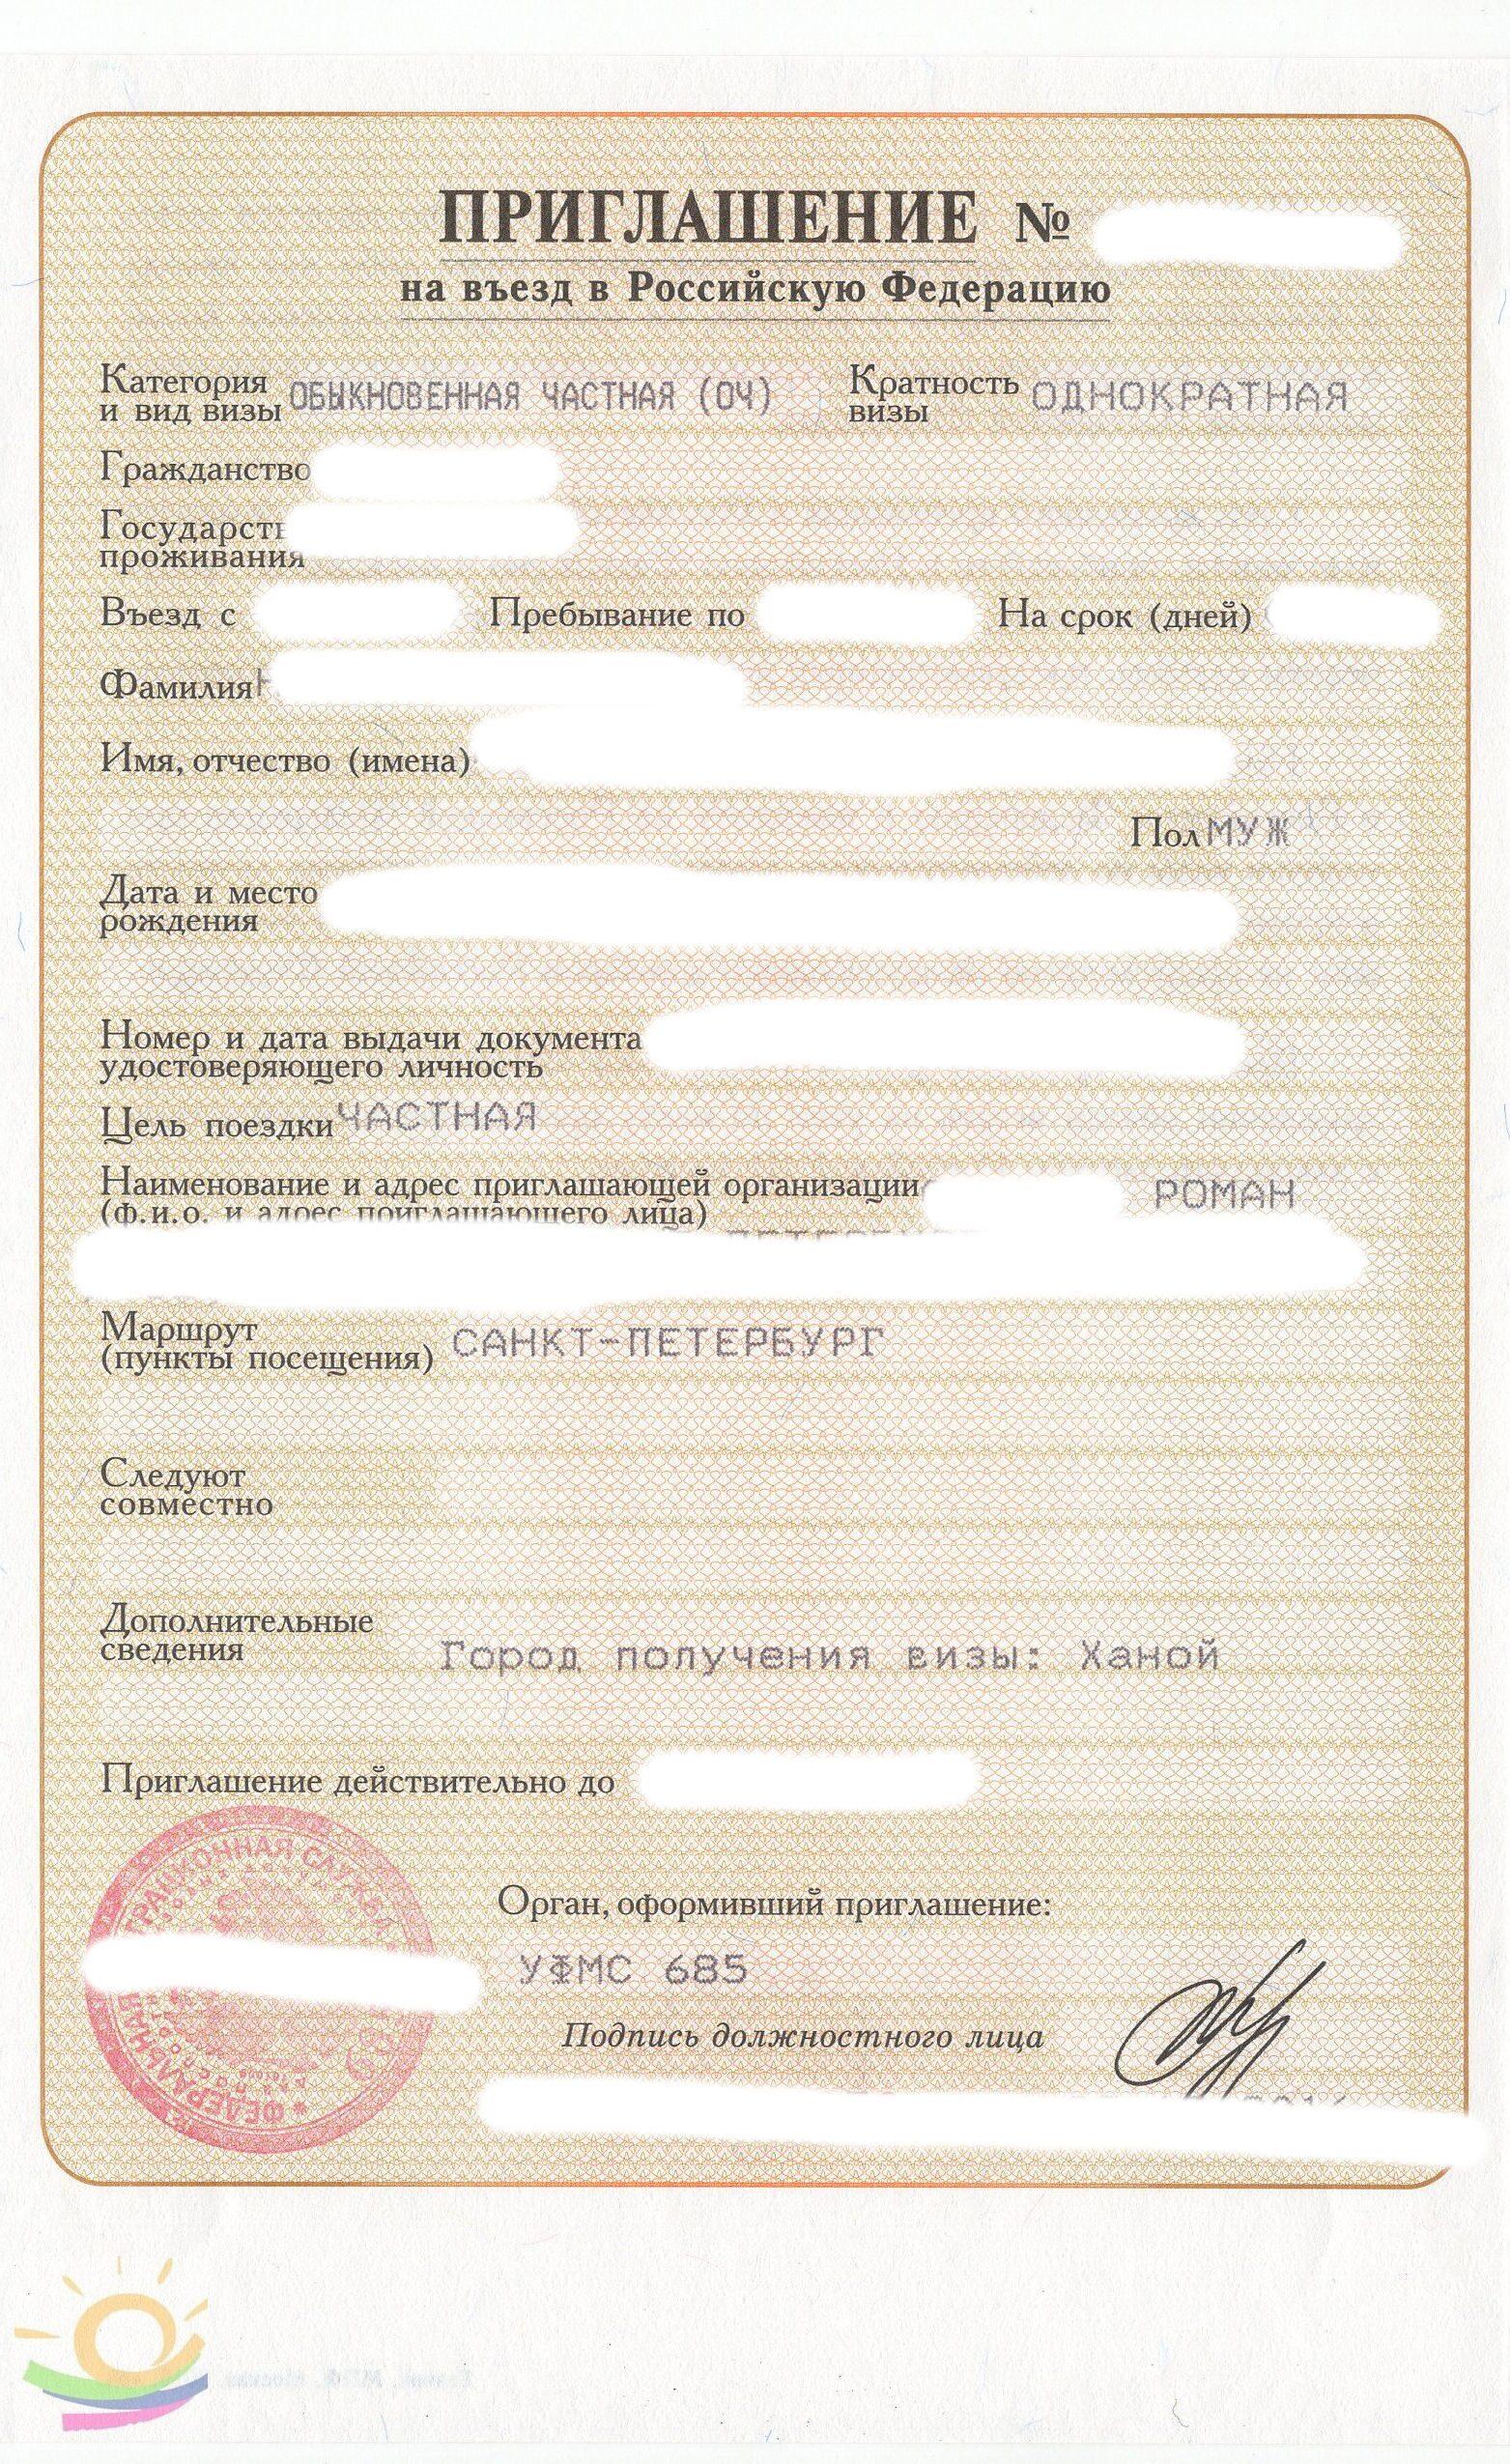 Оформление приглашения для иностранца в россию от юридического лица